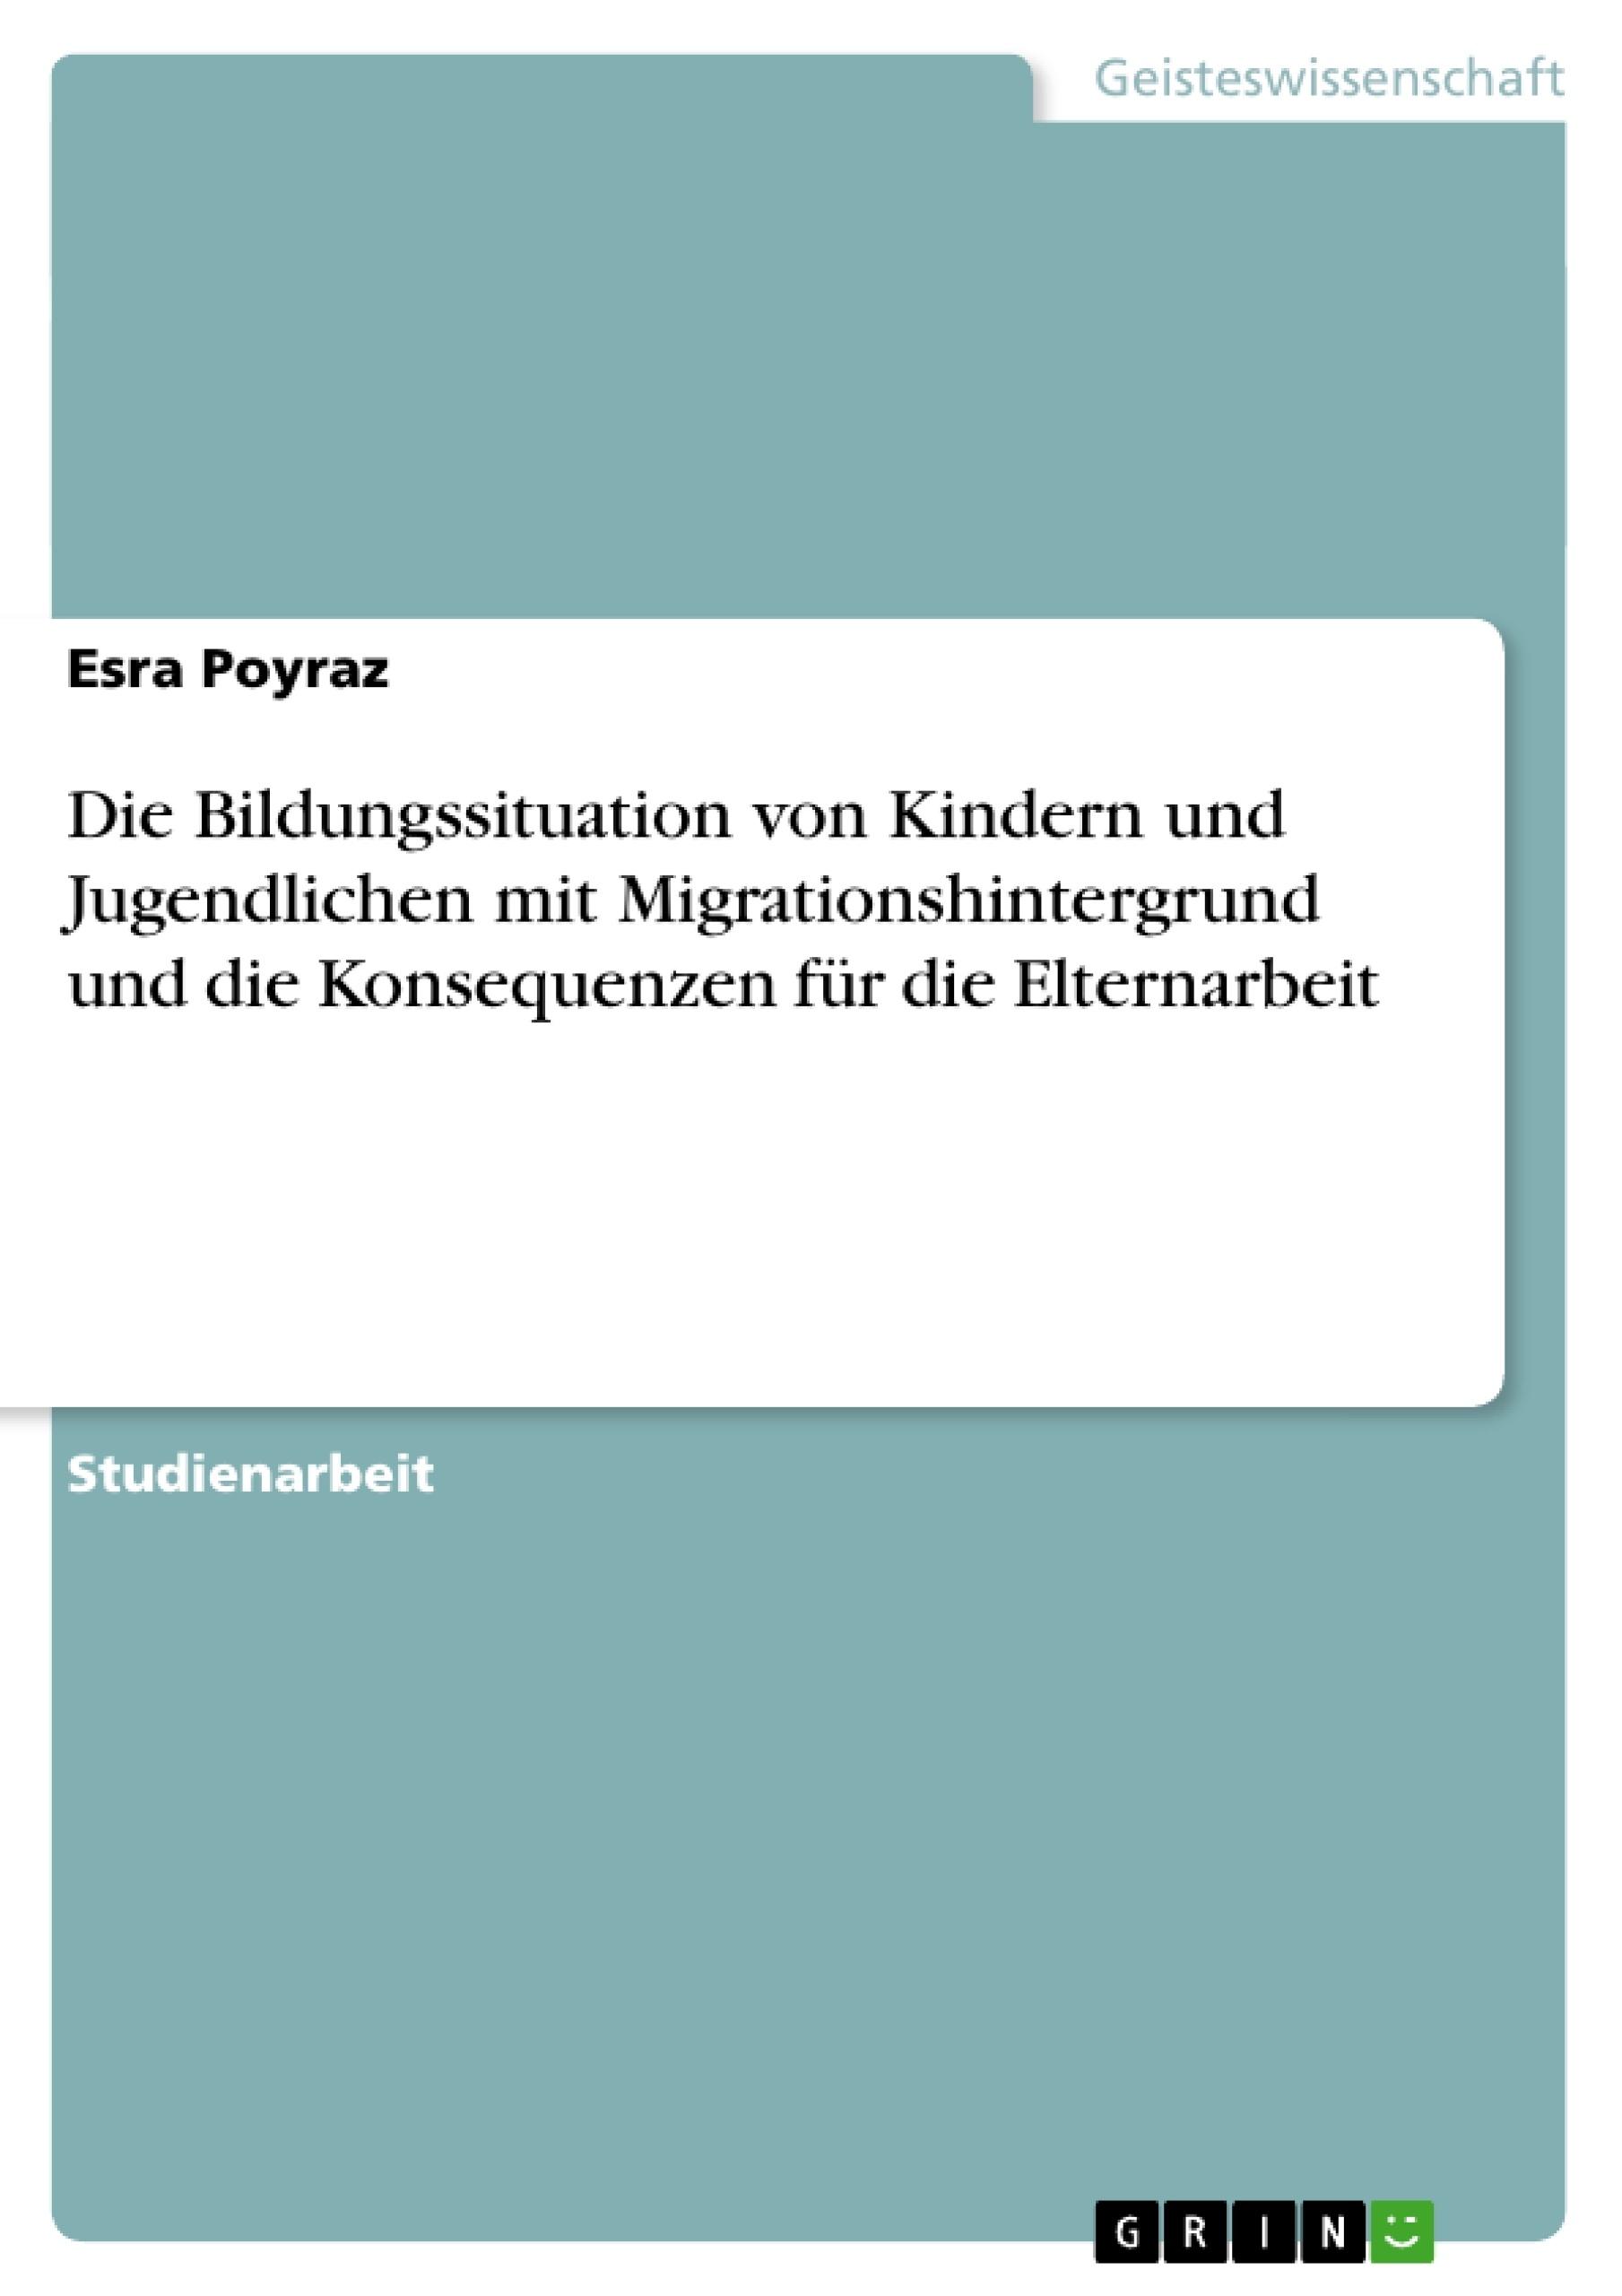 Titel: Die Bildungssituation von Kindern und Jugendlichen mit Migrationshintergrund und die Konsequenzen für die Elternarbeit